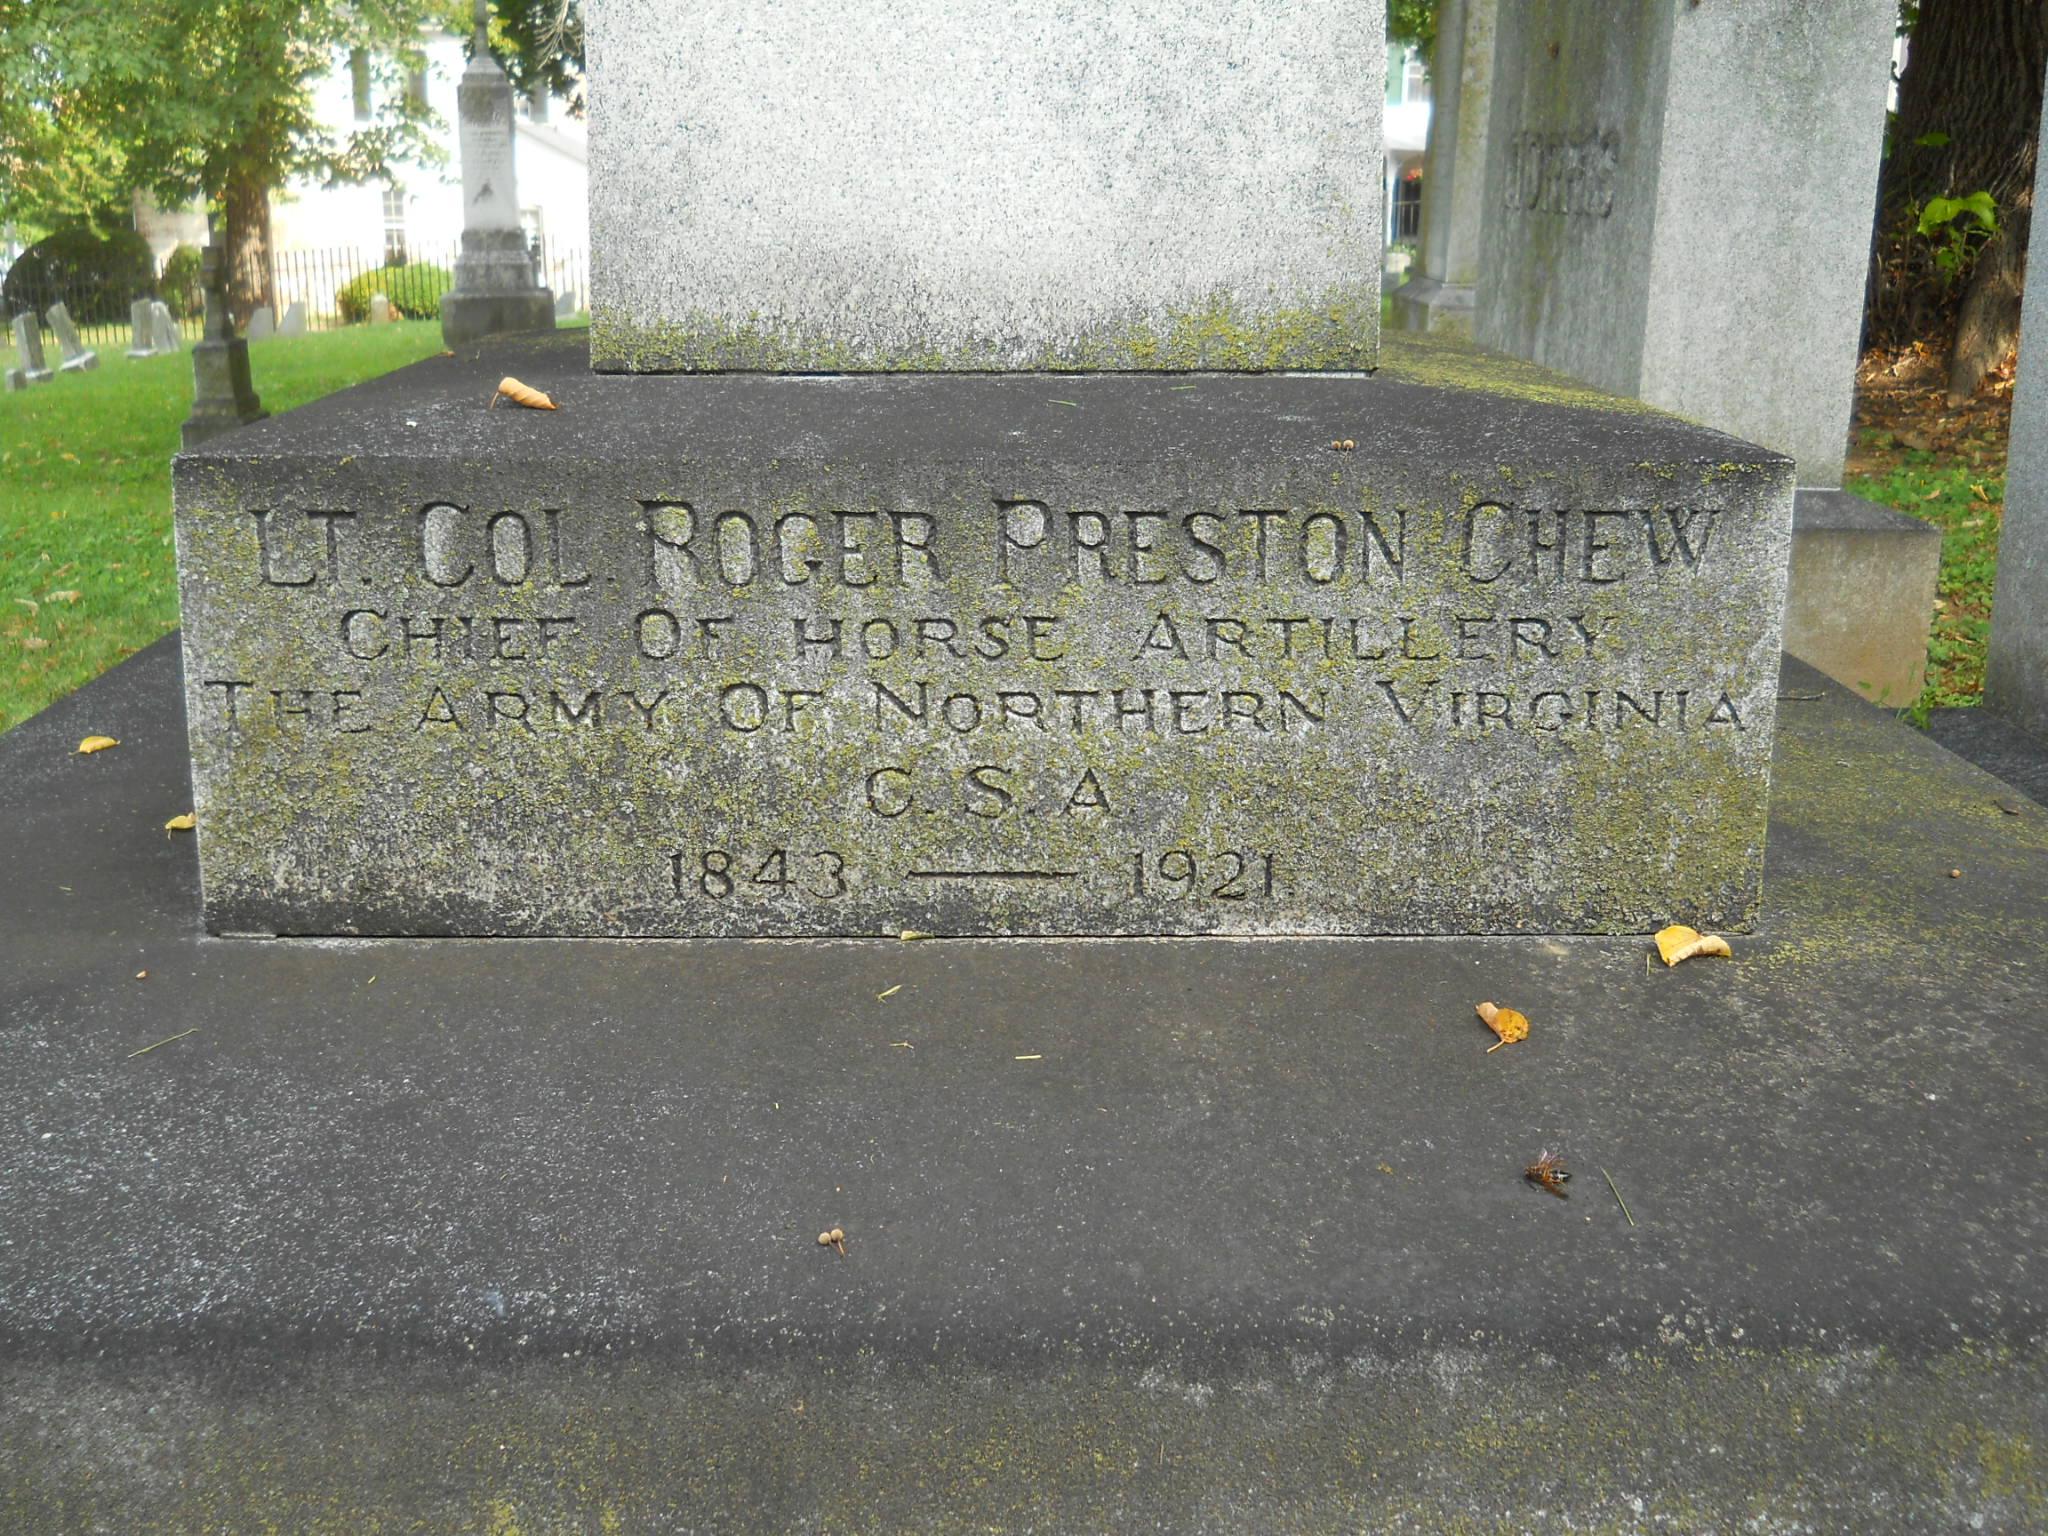 Roger Preston Chew